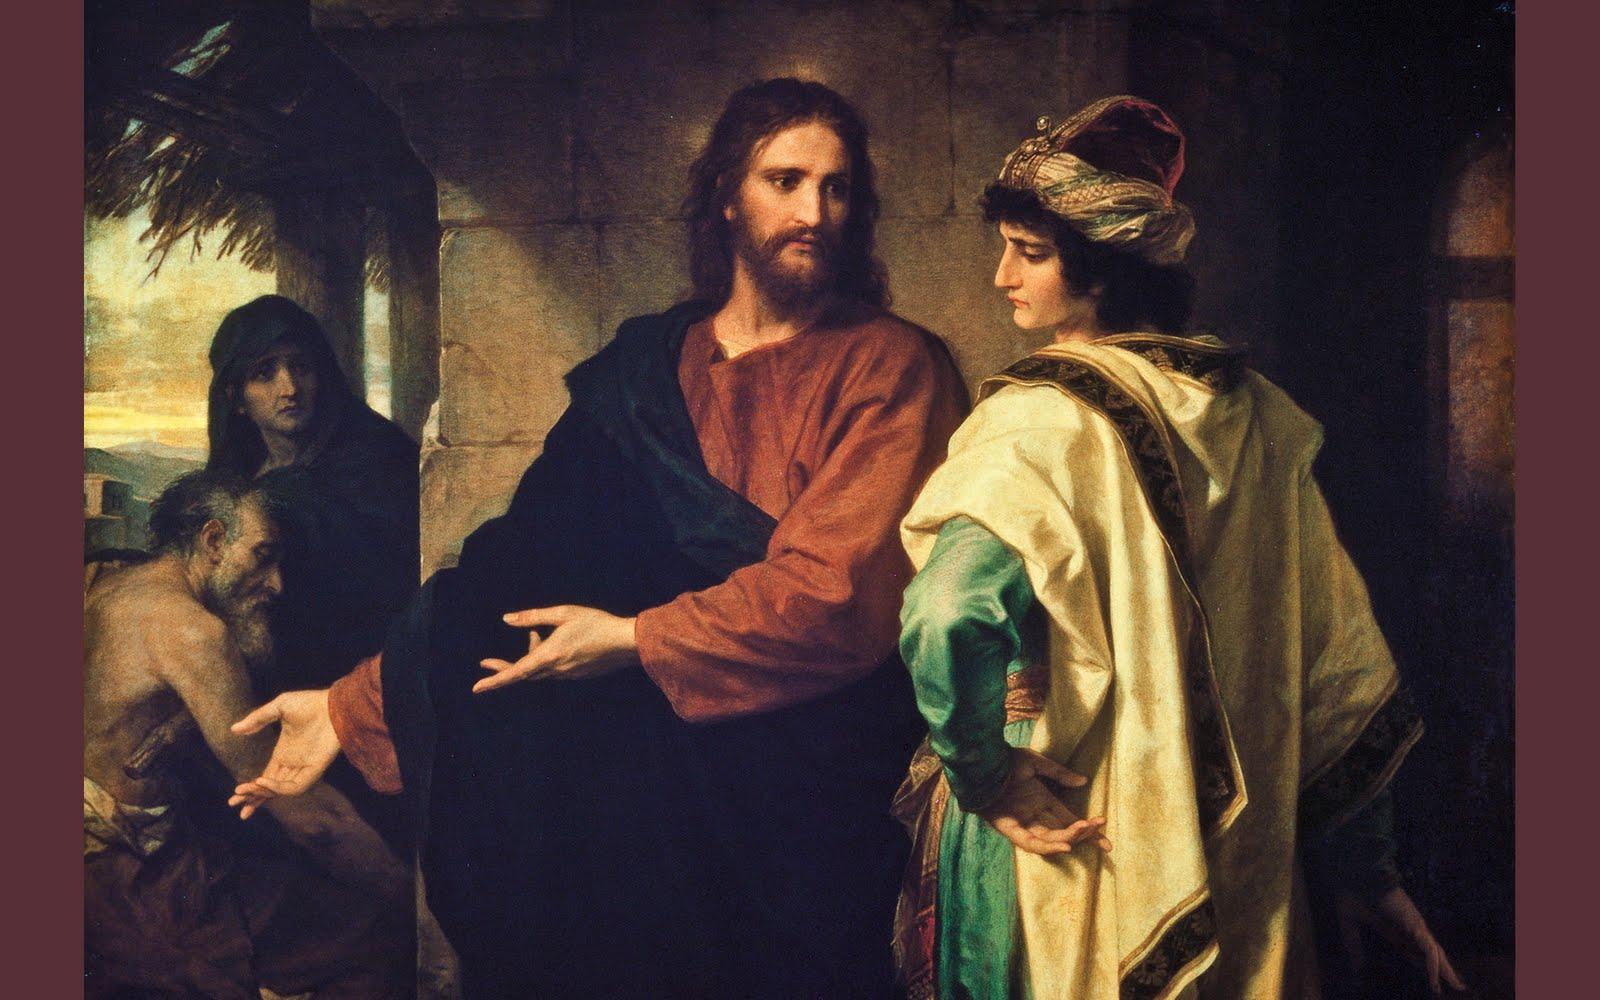 http://2.bp.blogspot.com/-FVSNJYf8SlQ/T_E6T7i2xoI/AAAAAAAAAtI/-ToK3BYZMxg/s1600/The+Rich+Young+Ruler+and+Christ+LDS+Wallpaper+2400x1500.jpg